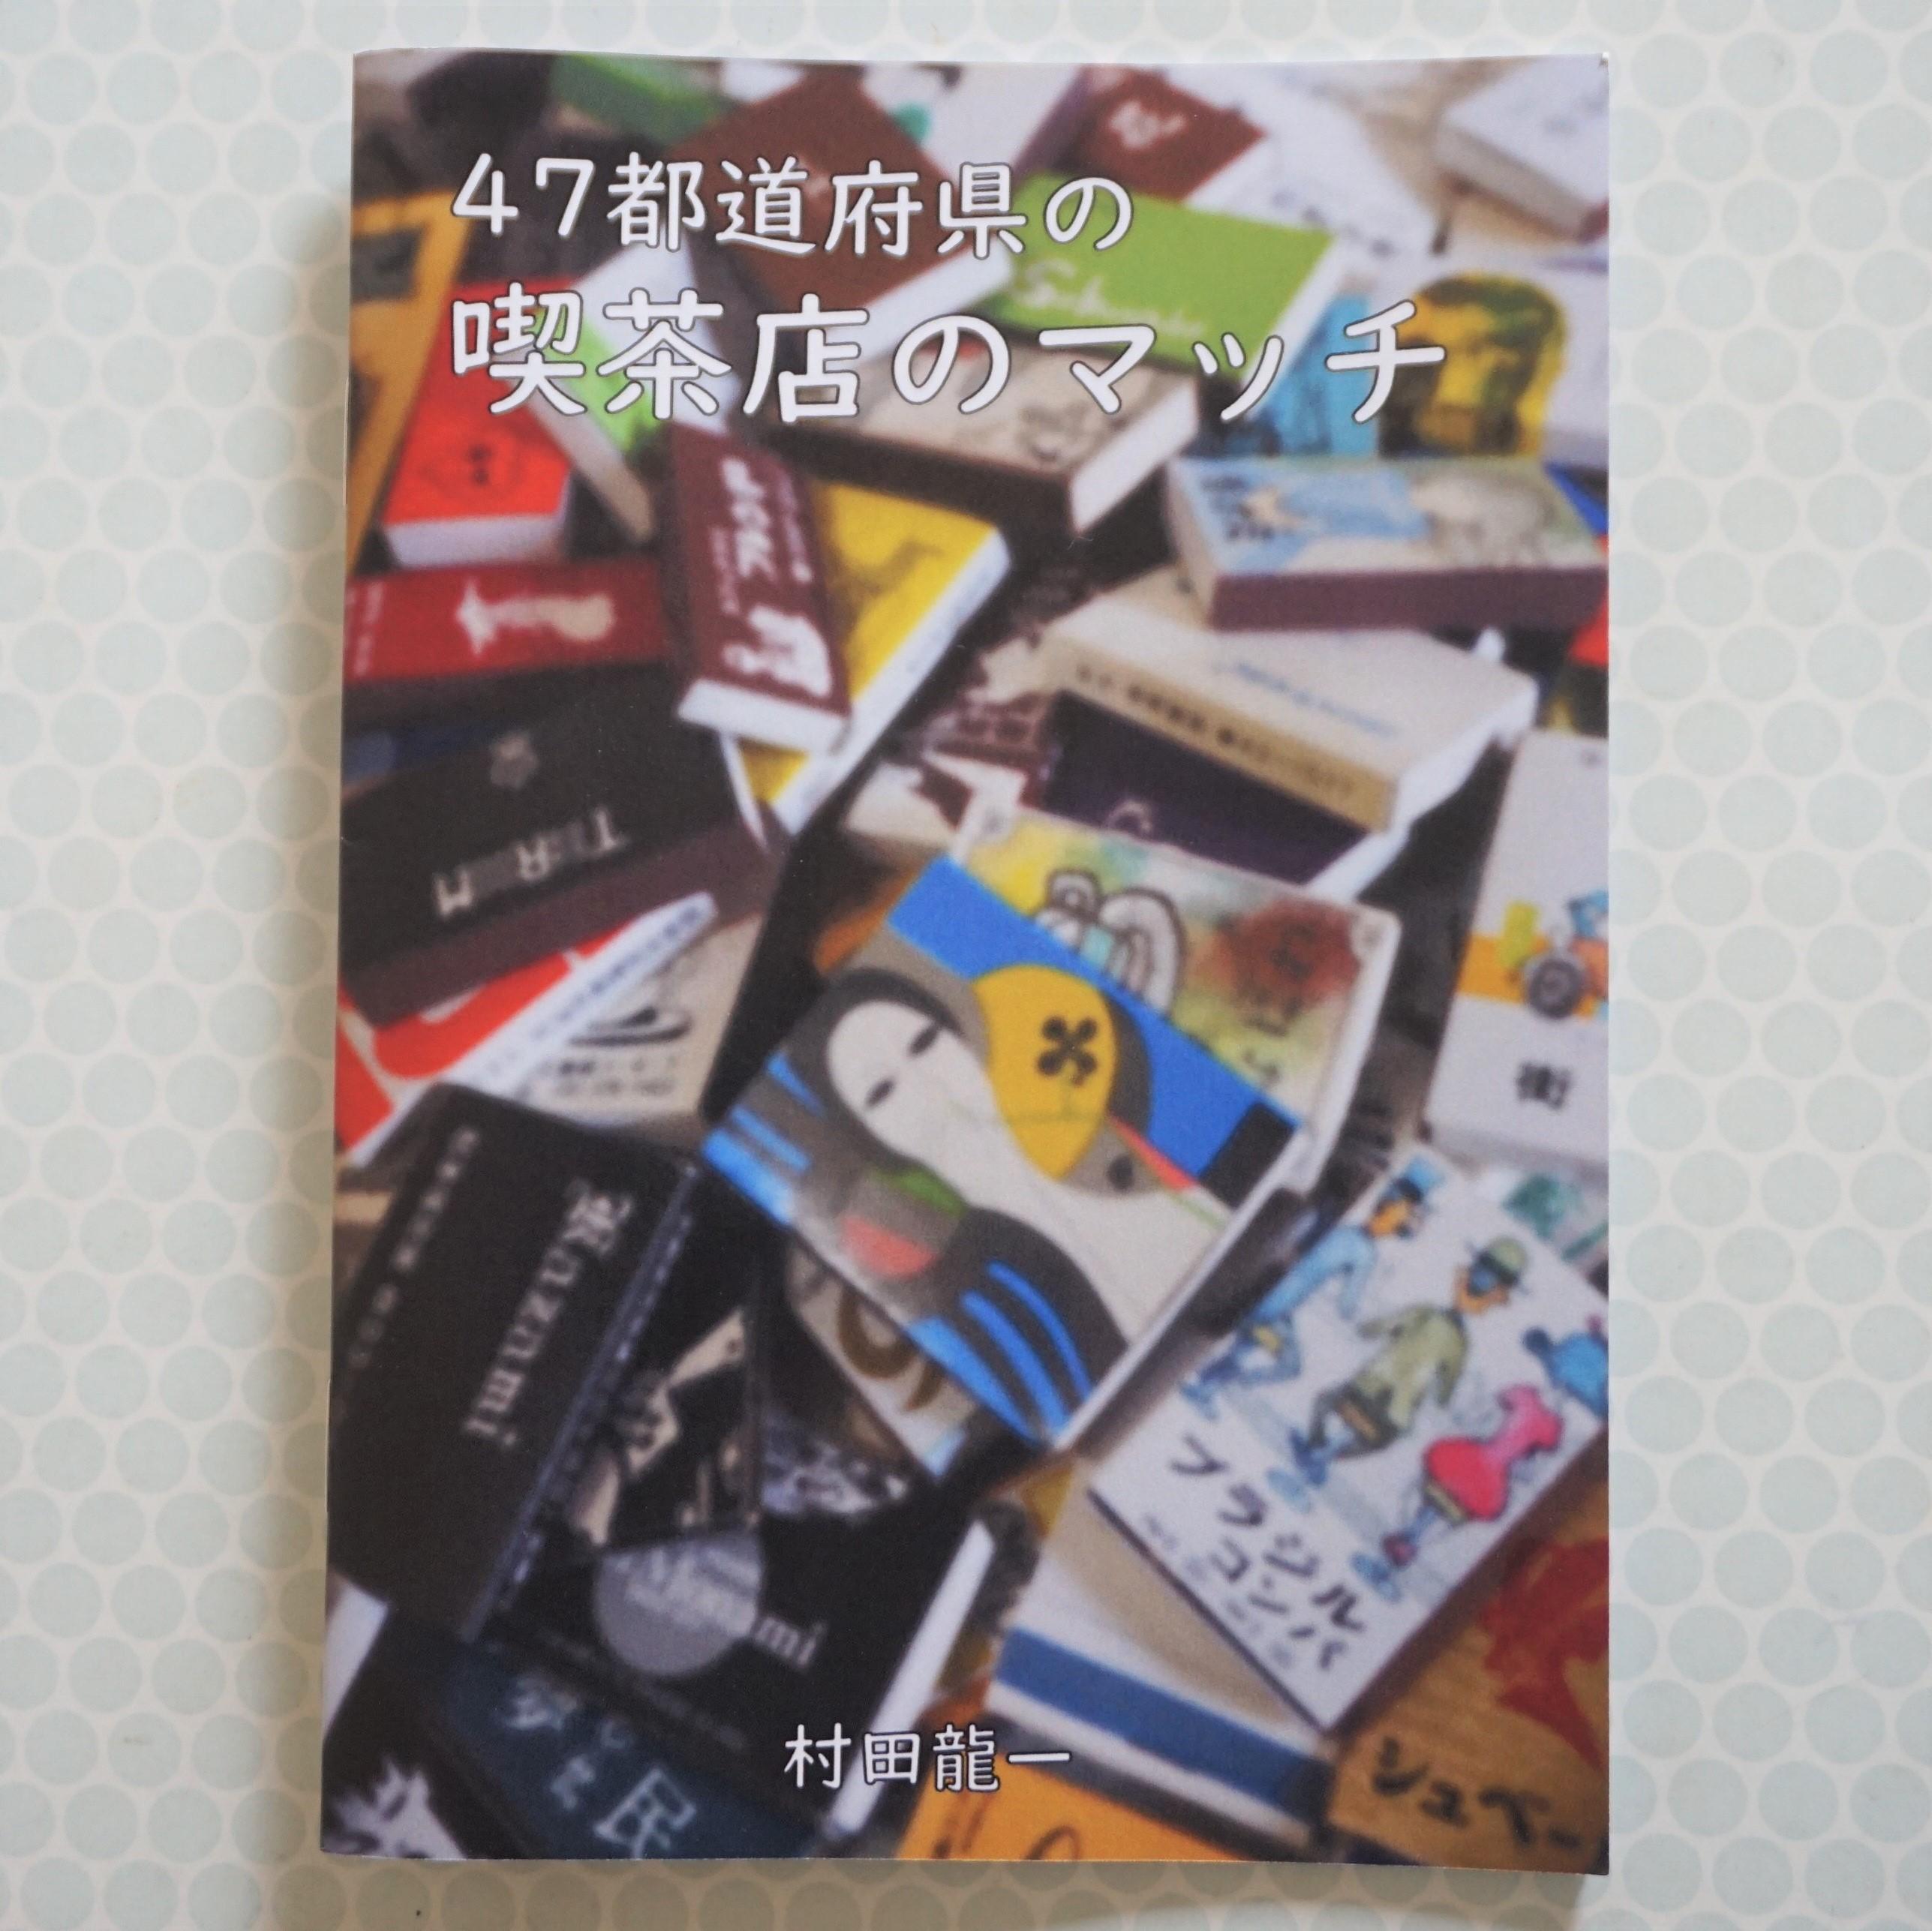 小冊子『47都道府県の喫茶店のマッチ』